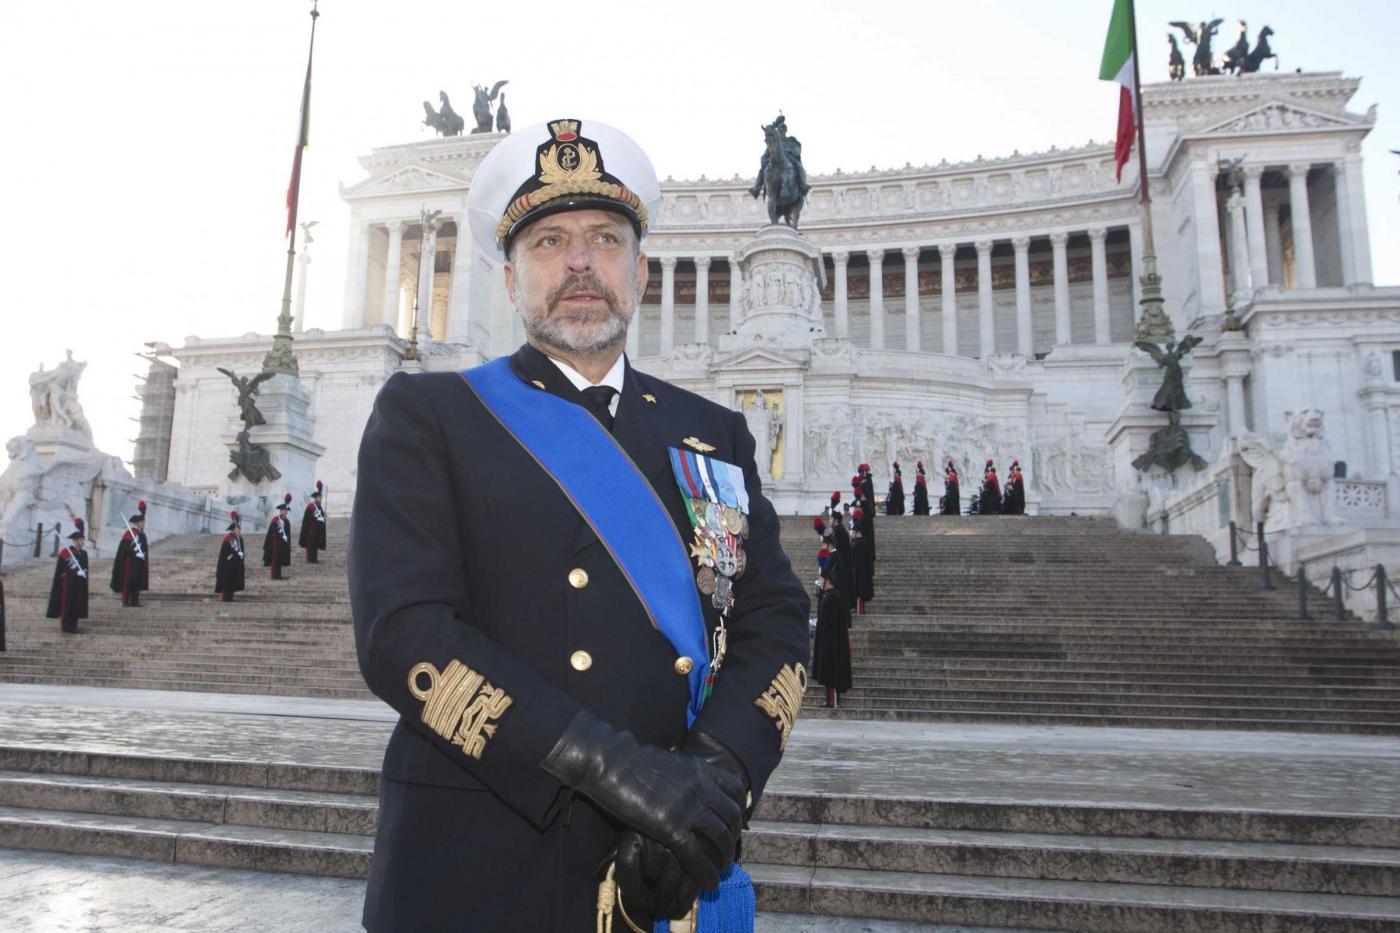 Dossier De Giorgi: le spese milionarie dell'ammiraglio capo della Marina